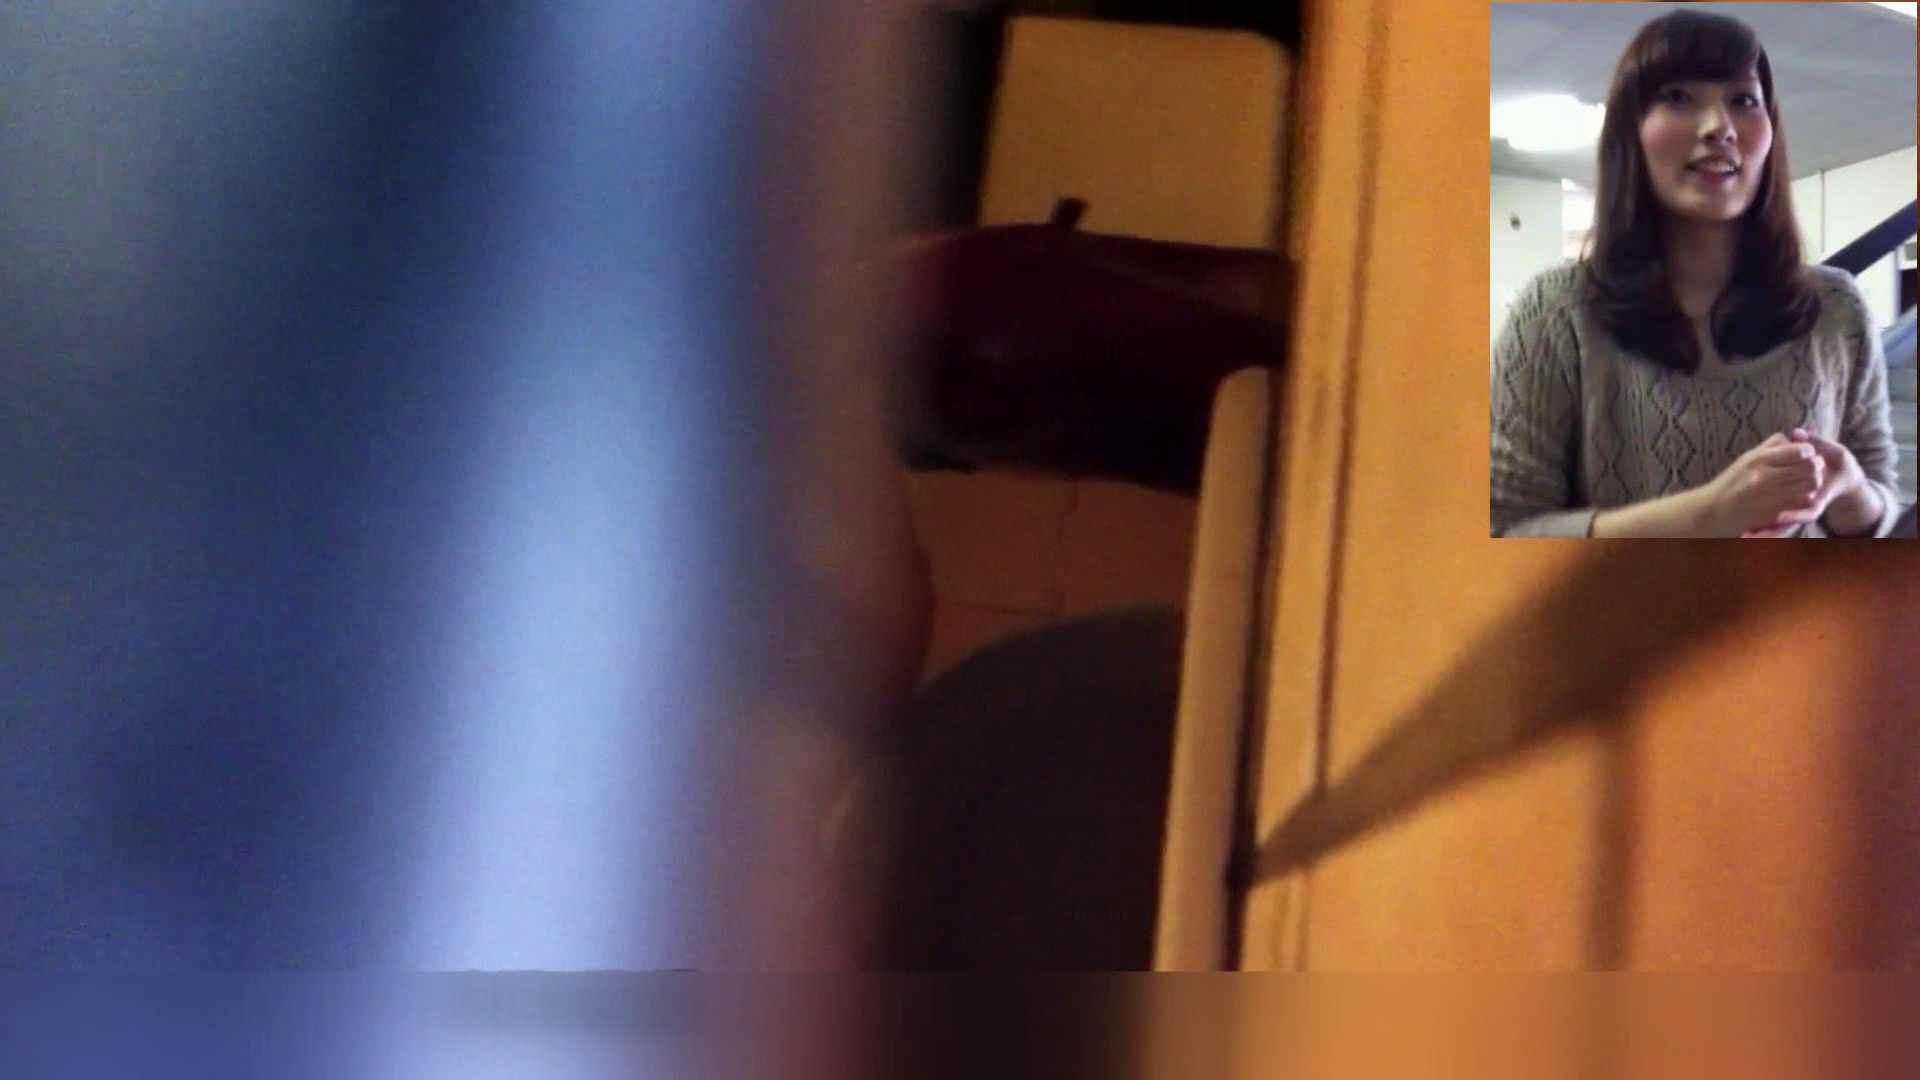 お姉さんの恥便所盗撮! Vol.10 洗面所はめどり エロ画像 101画像 74